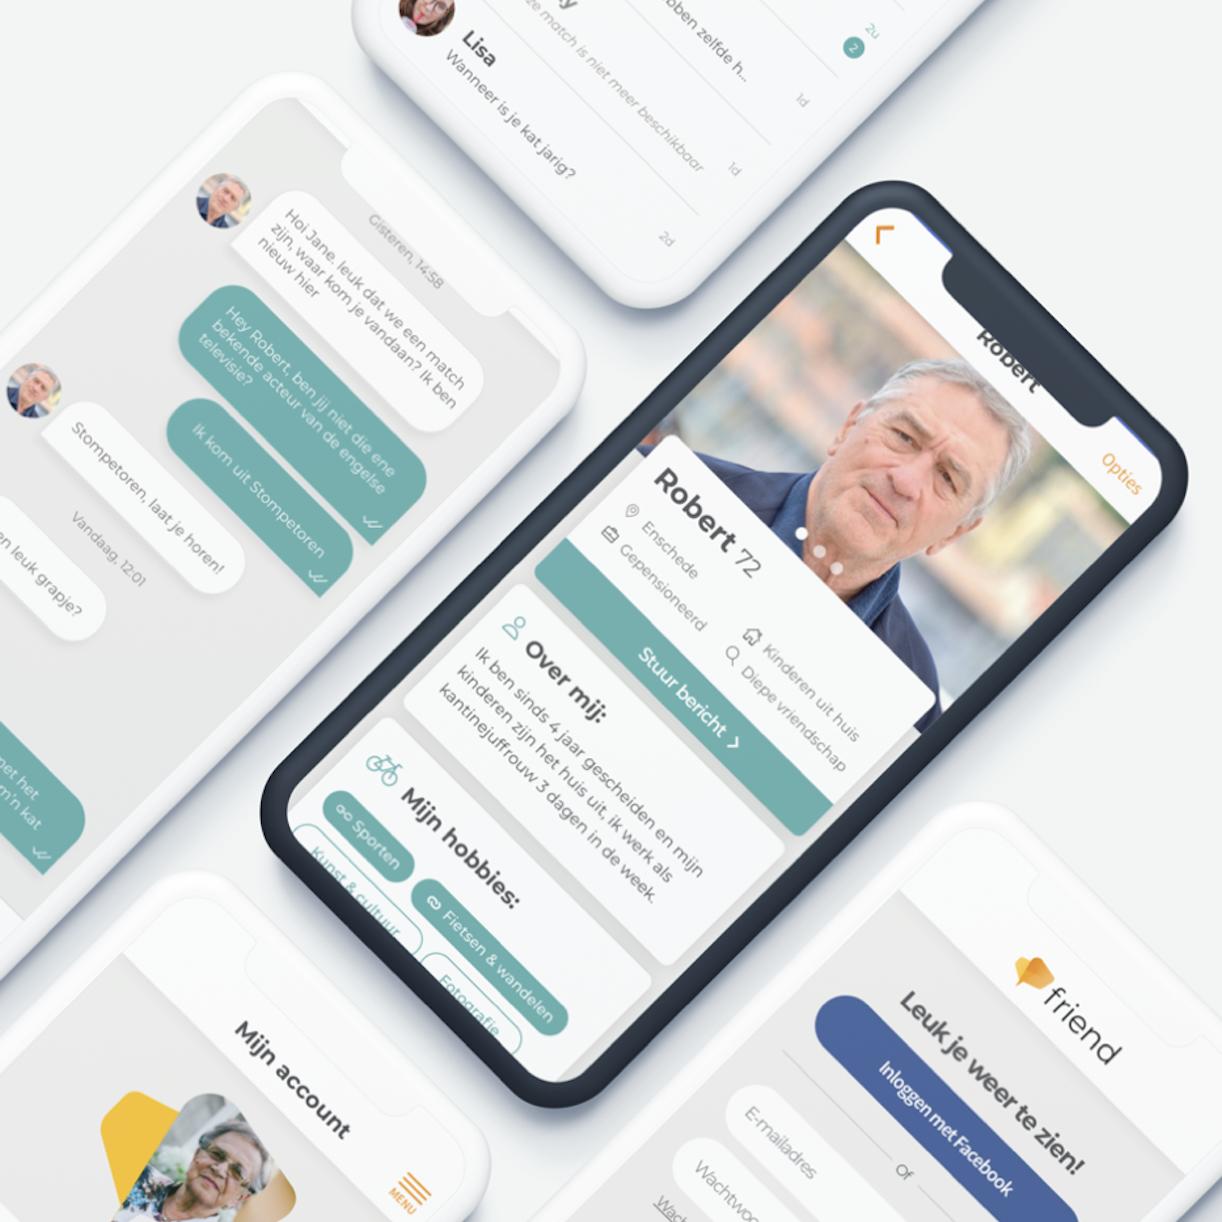 Nationale Nederlanden case - Shot van een mobiele telefoon met een app